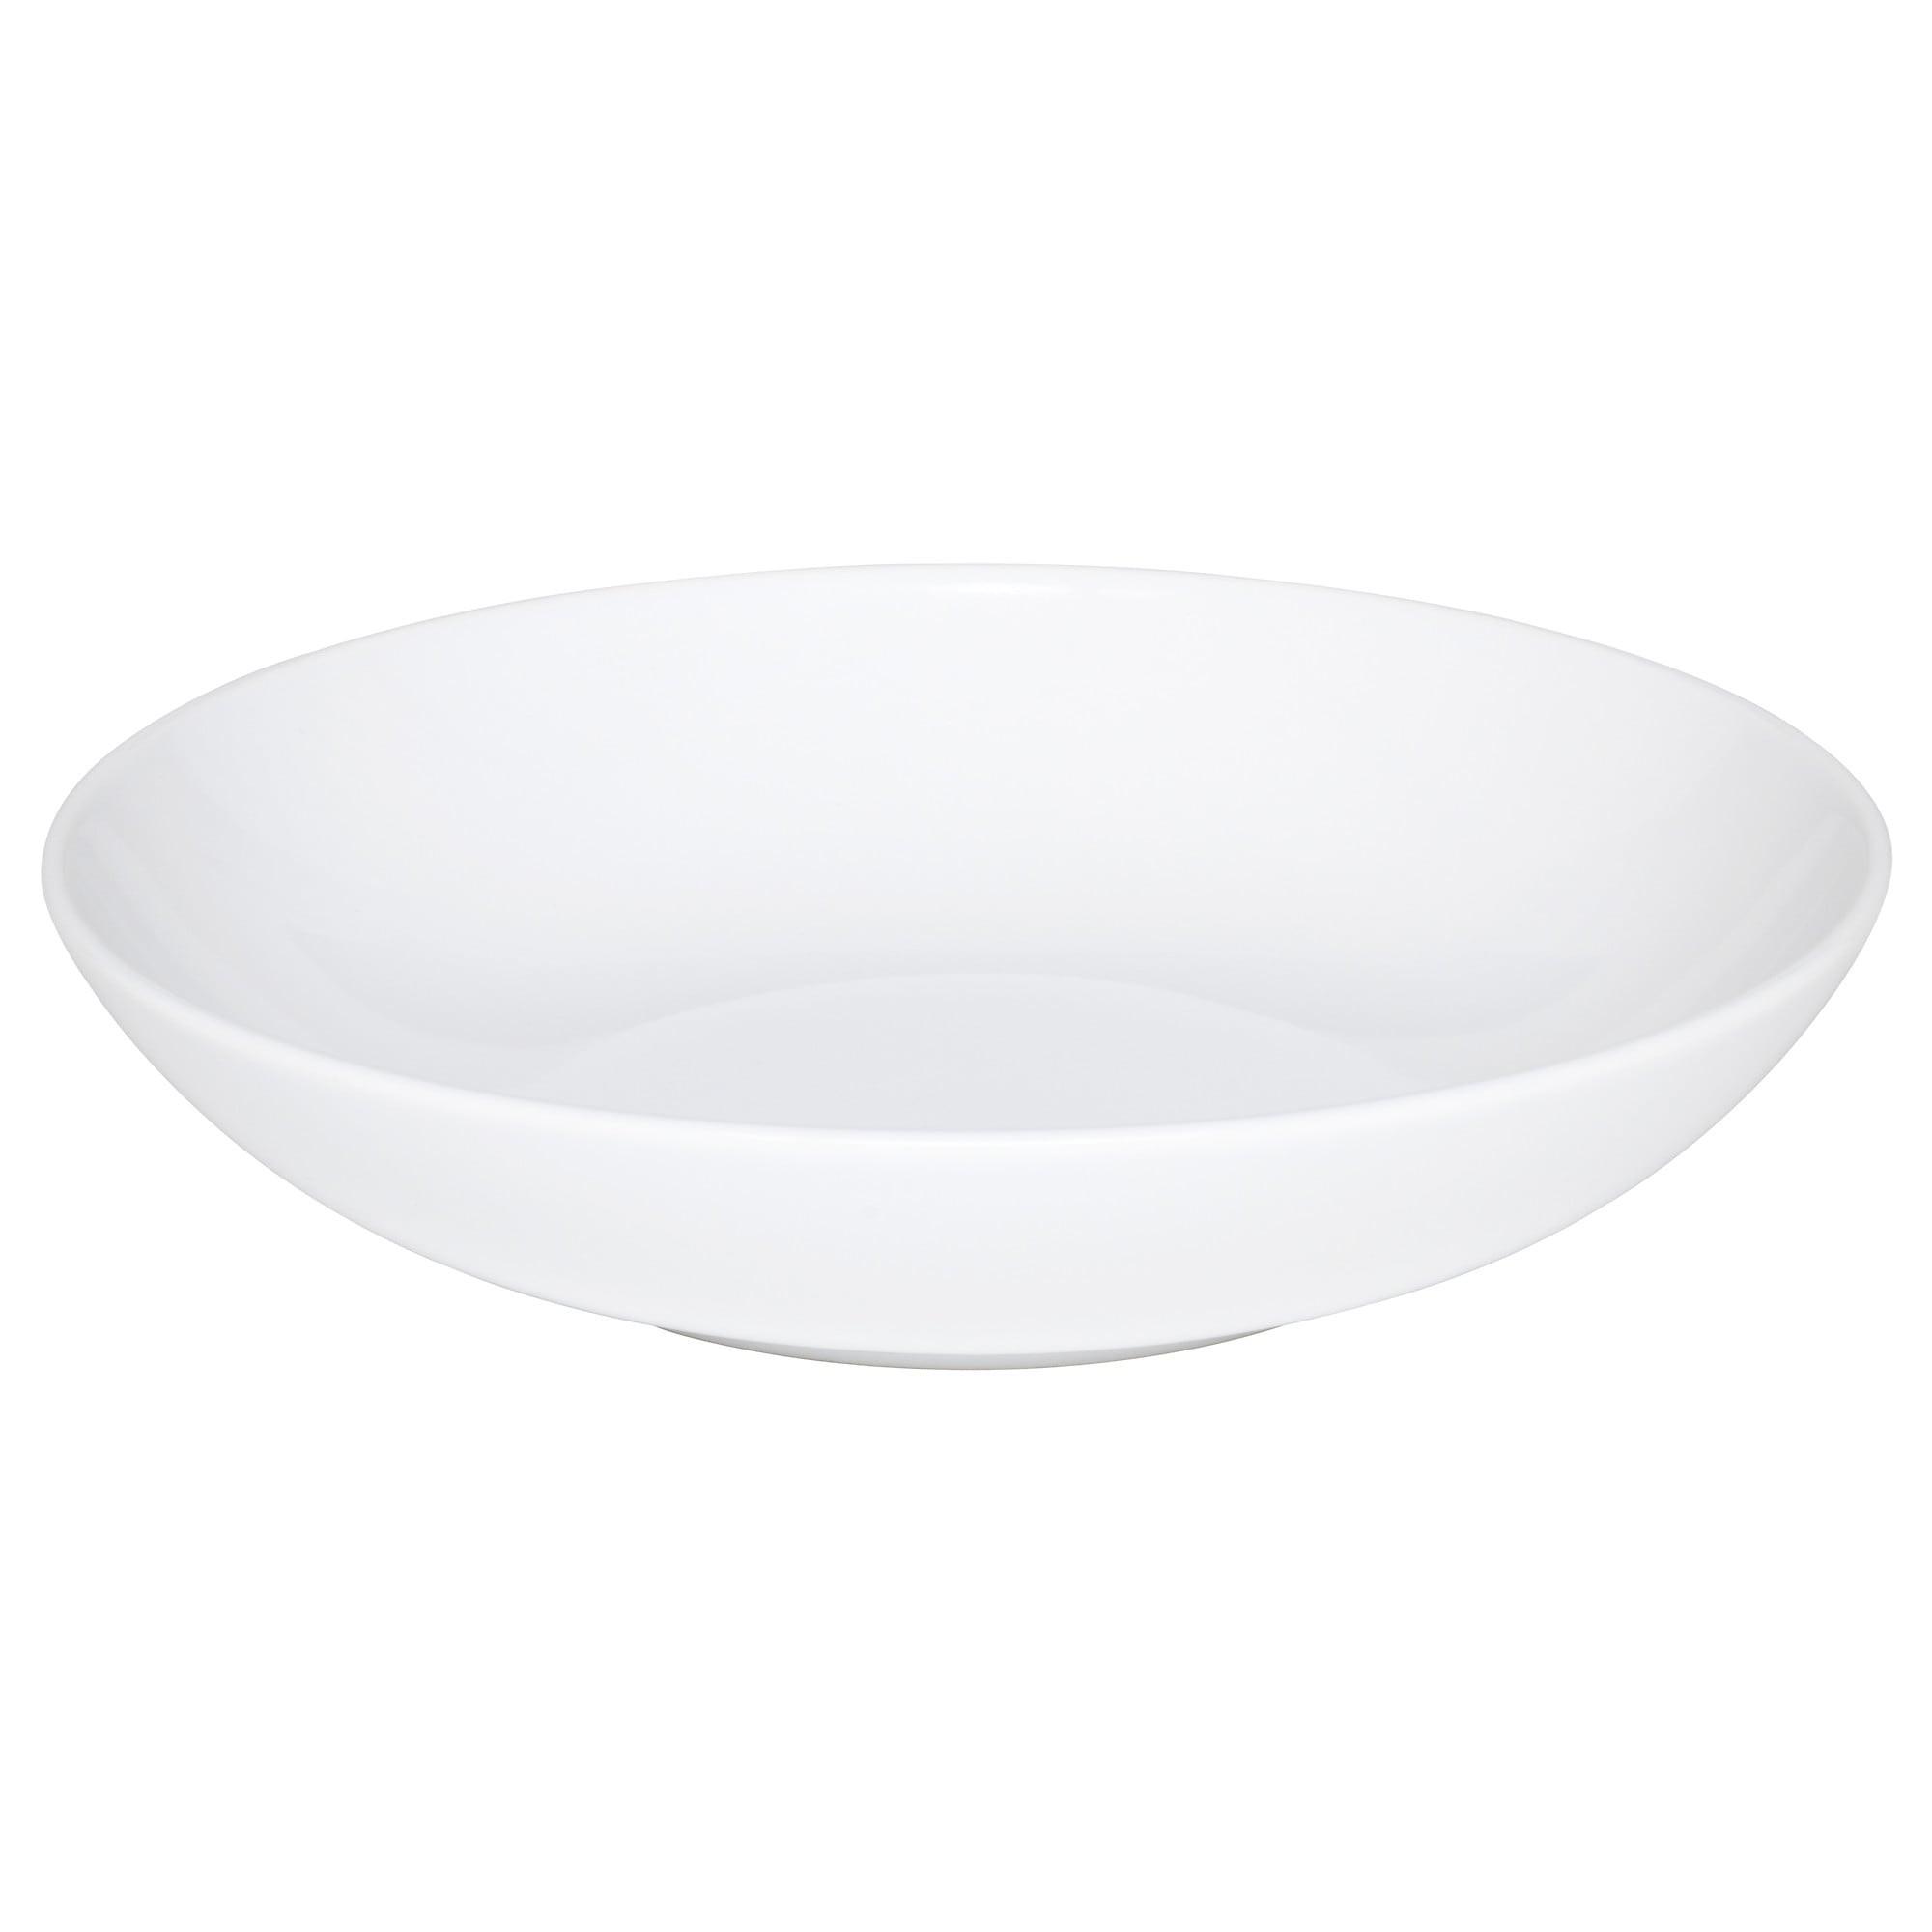 Ikea Dinner Plates  Dinner Sets & Dinnerware